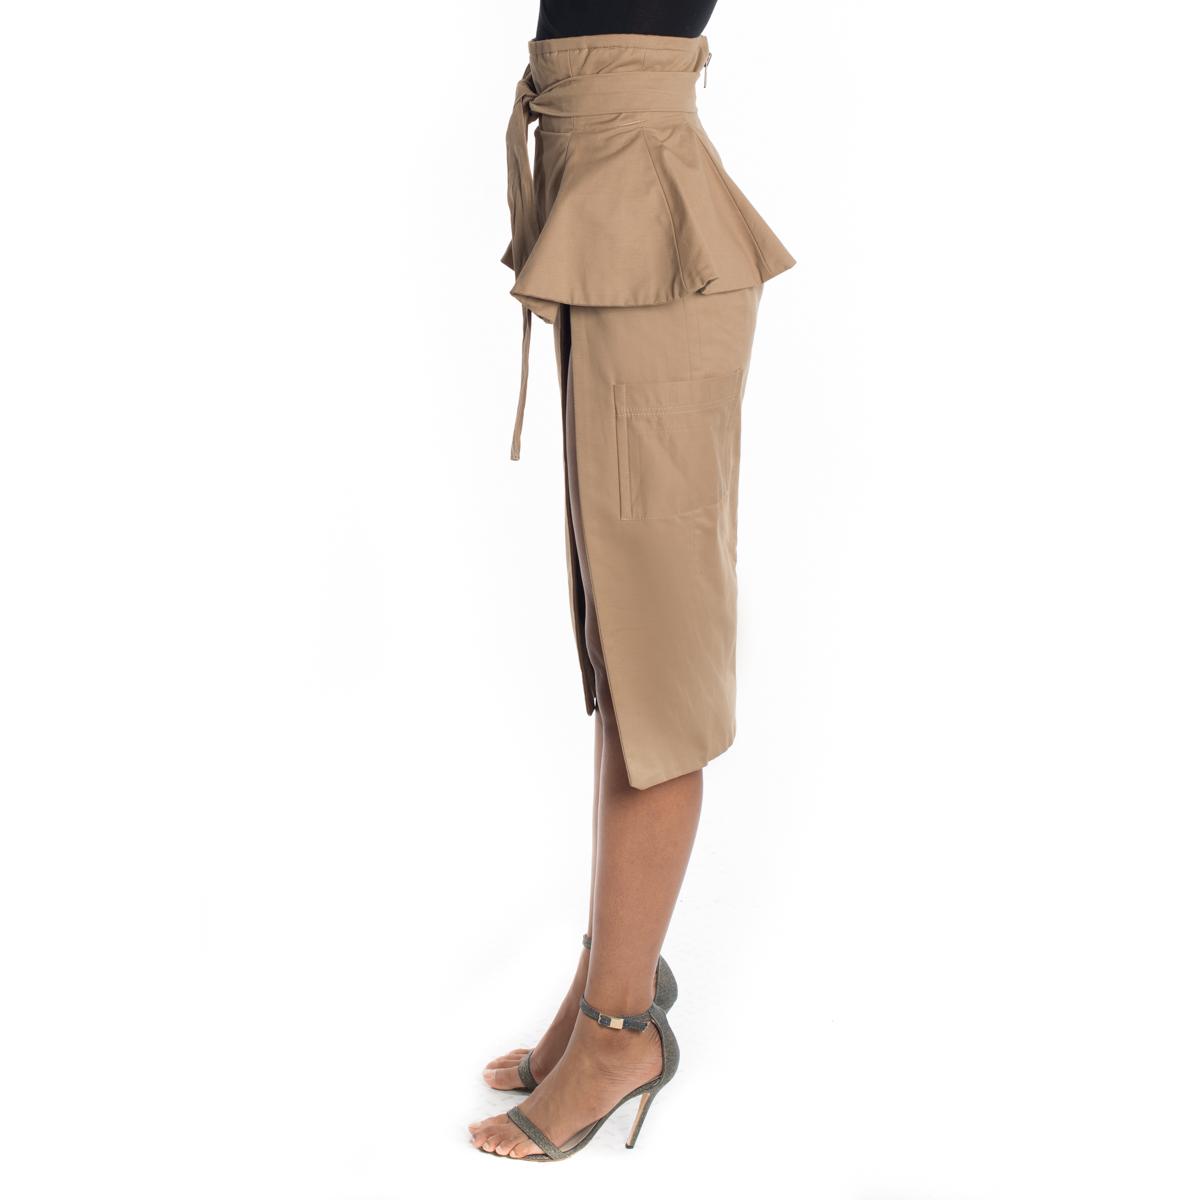 Khaki Belted High Slit Skirt